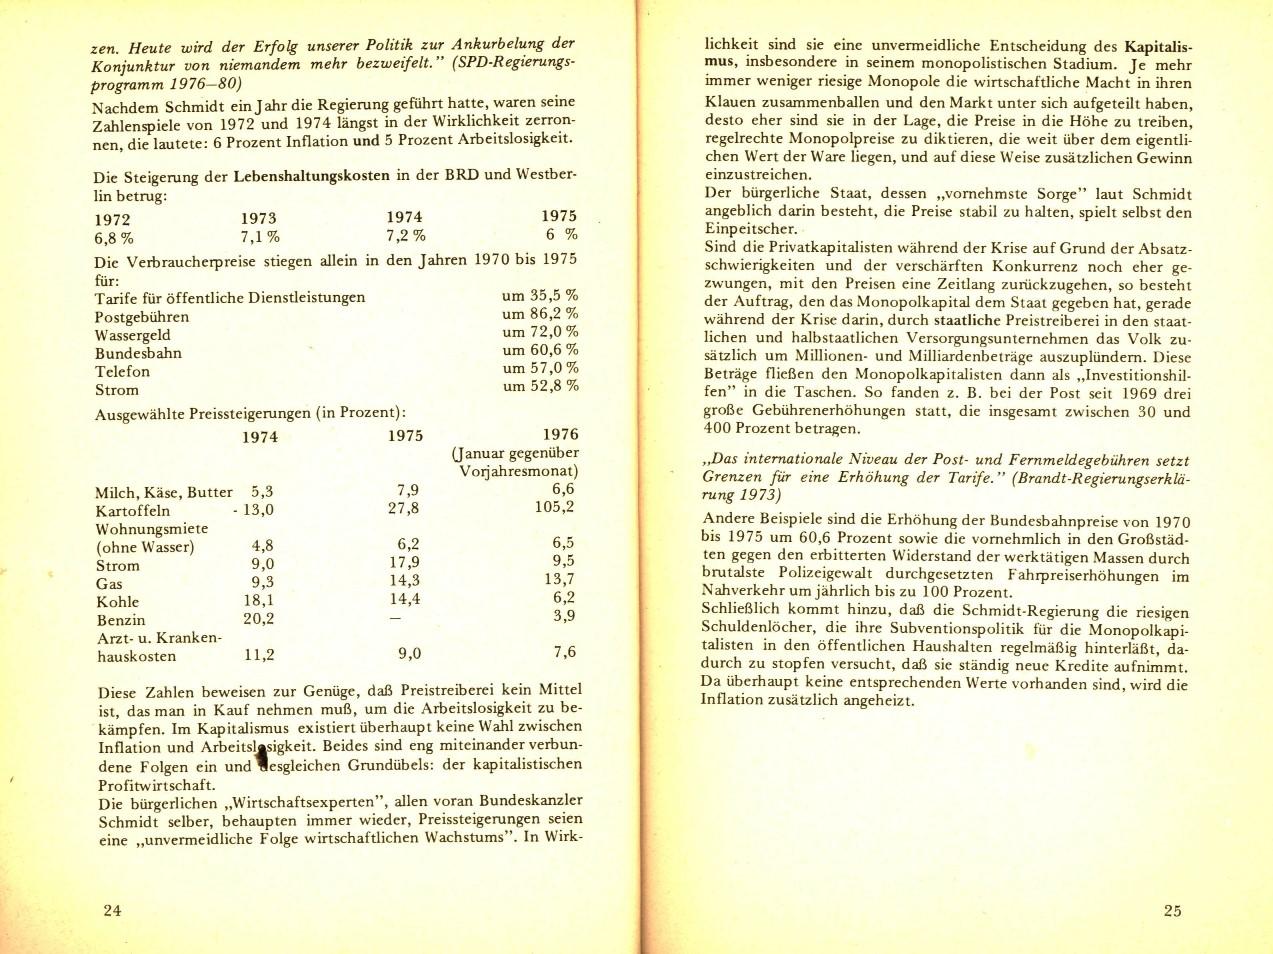 KPDAO_1976_Agitationsbroschuere_zur_BTW_14